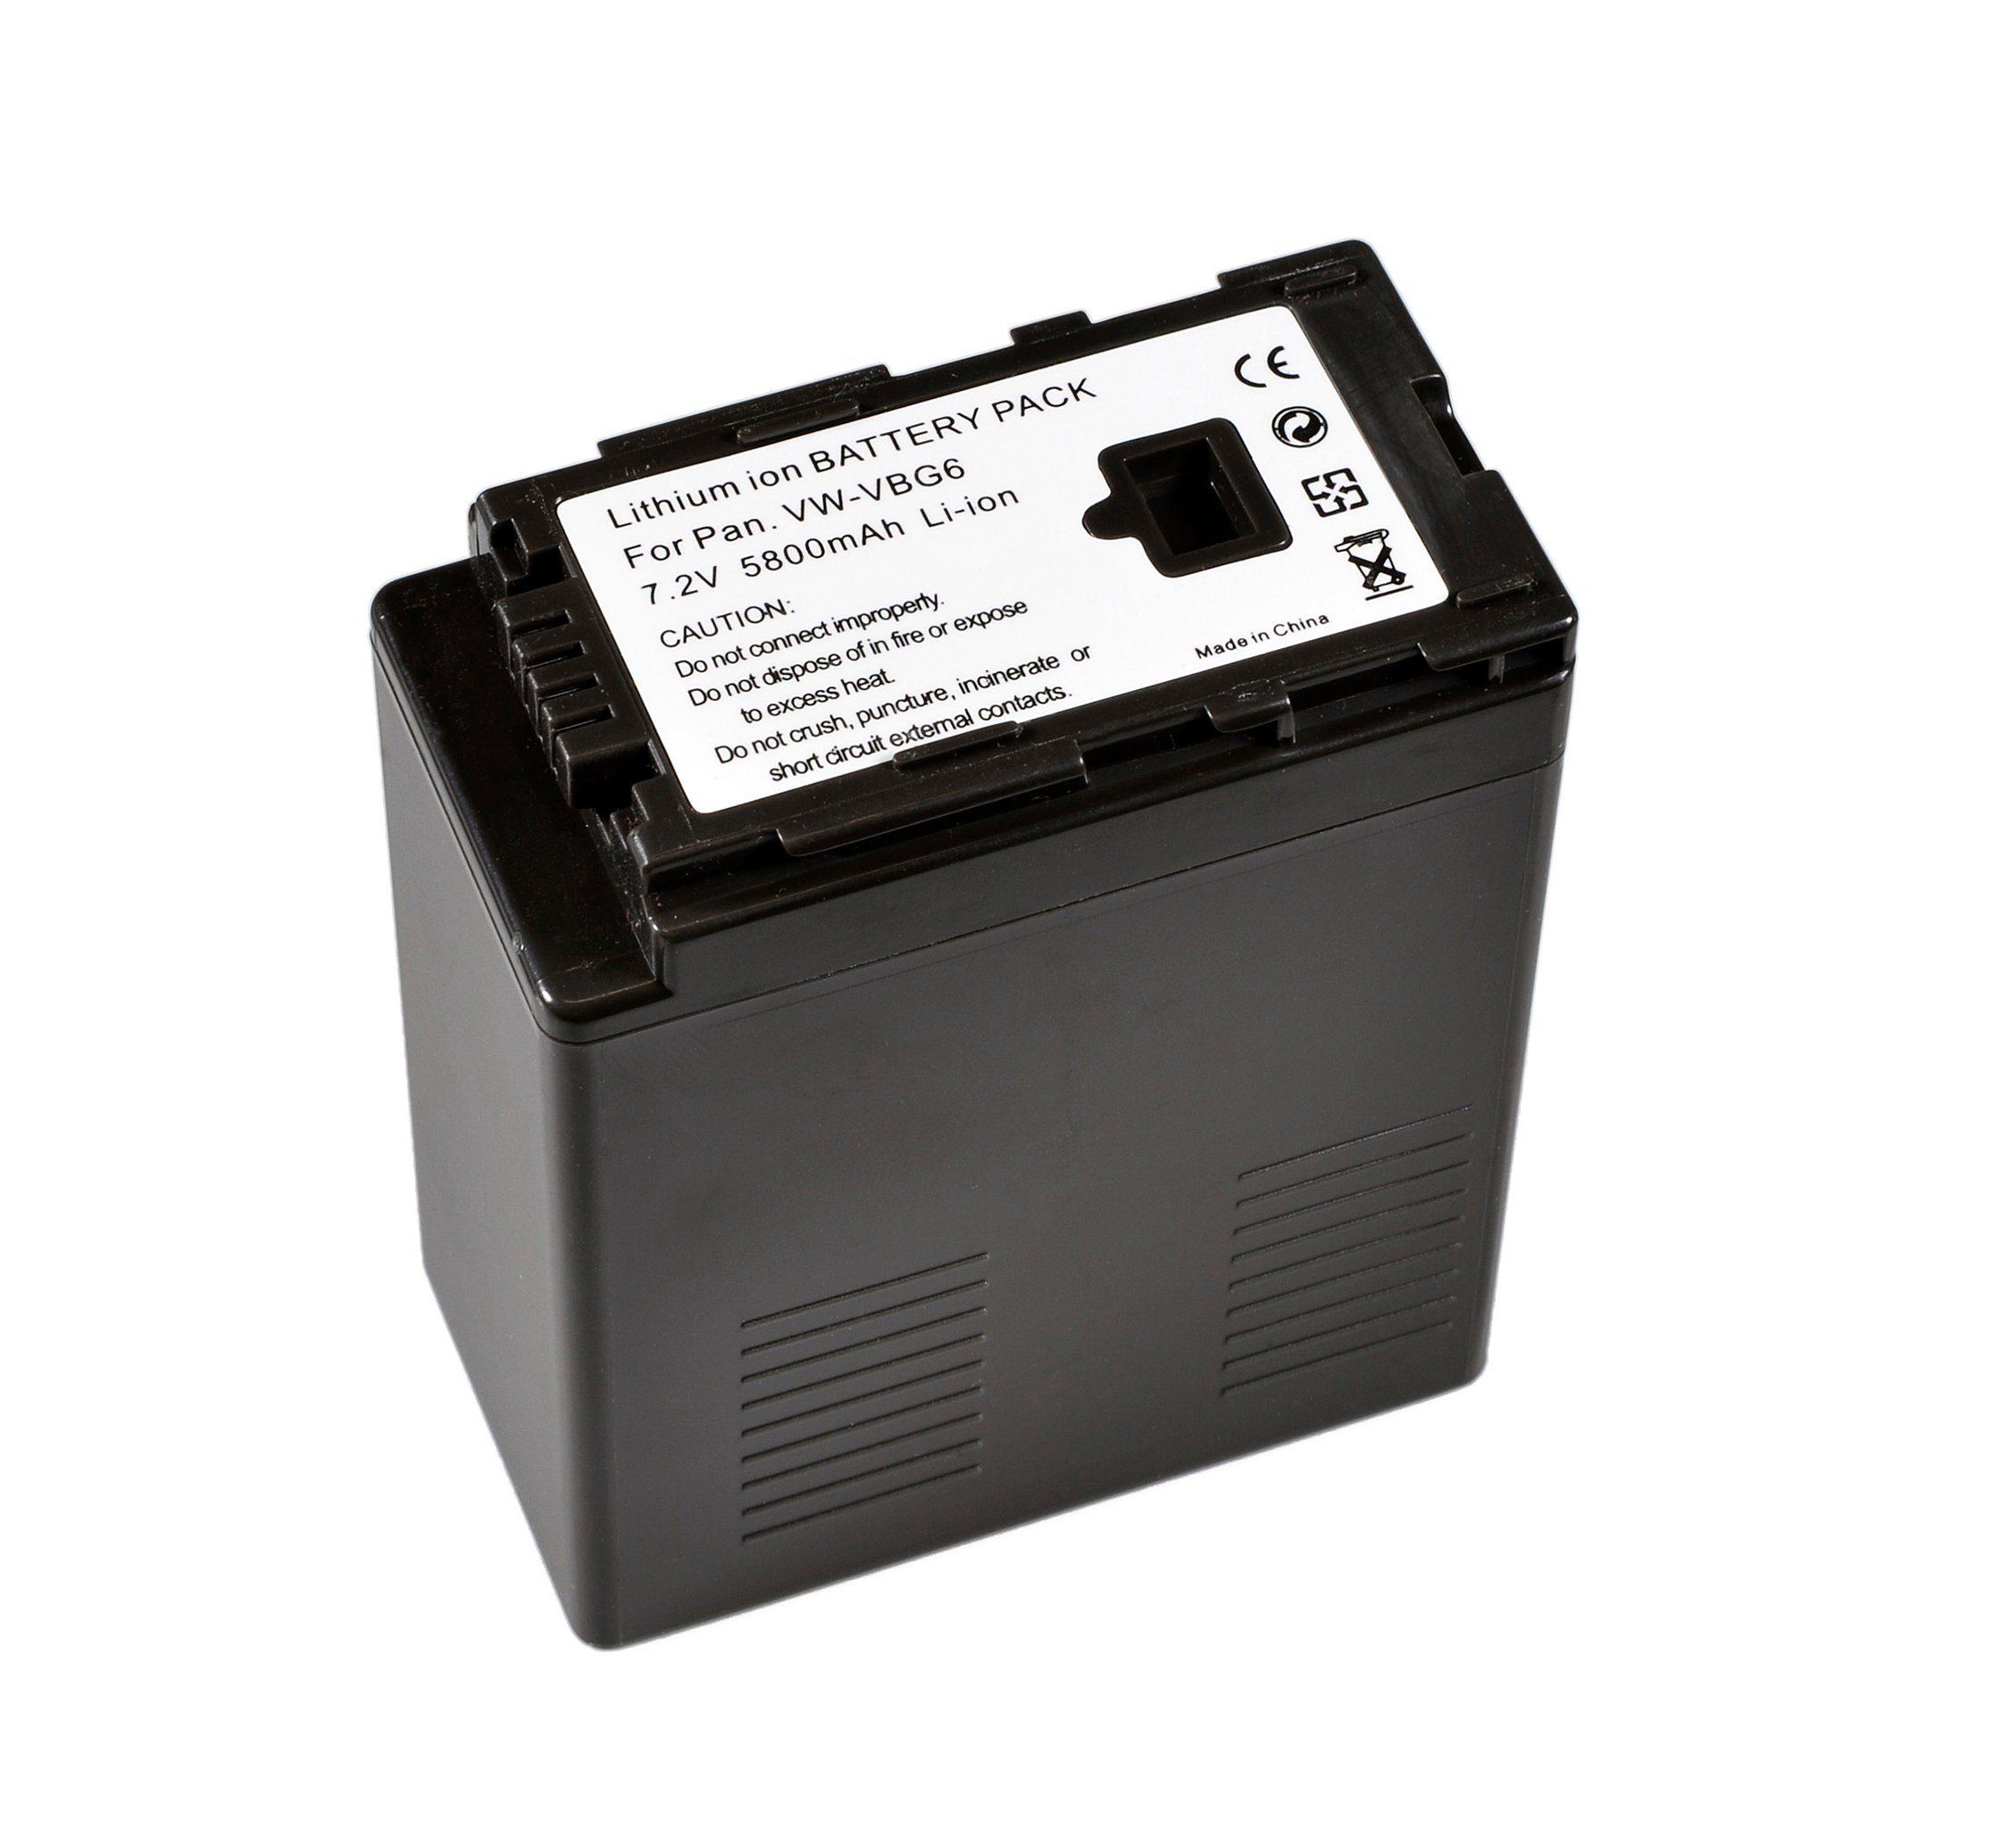 BRESSER Akku »Lithium-Ionen Ersatzakku für Panasonic VW-VBG6«